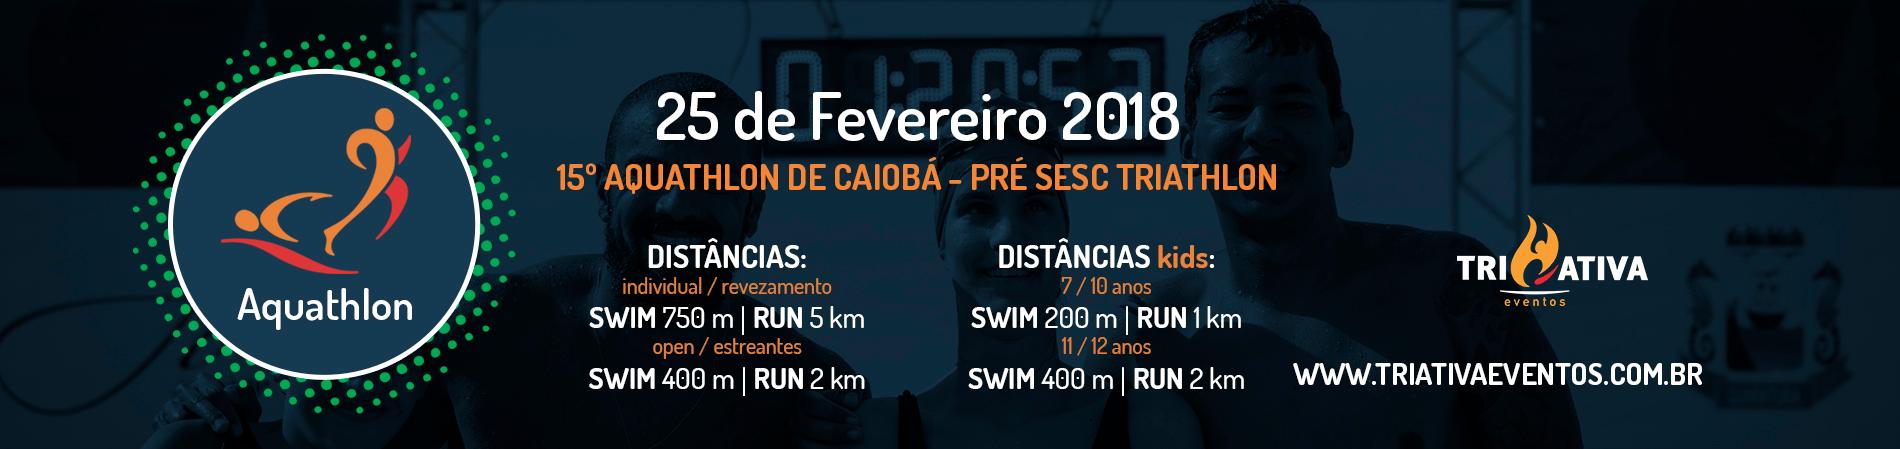 15º AQUATHLON DE CAIOBÁ - 2018